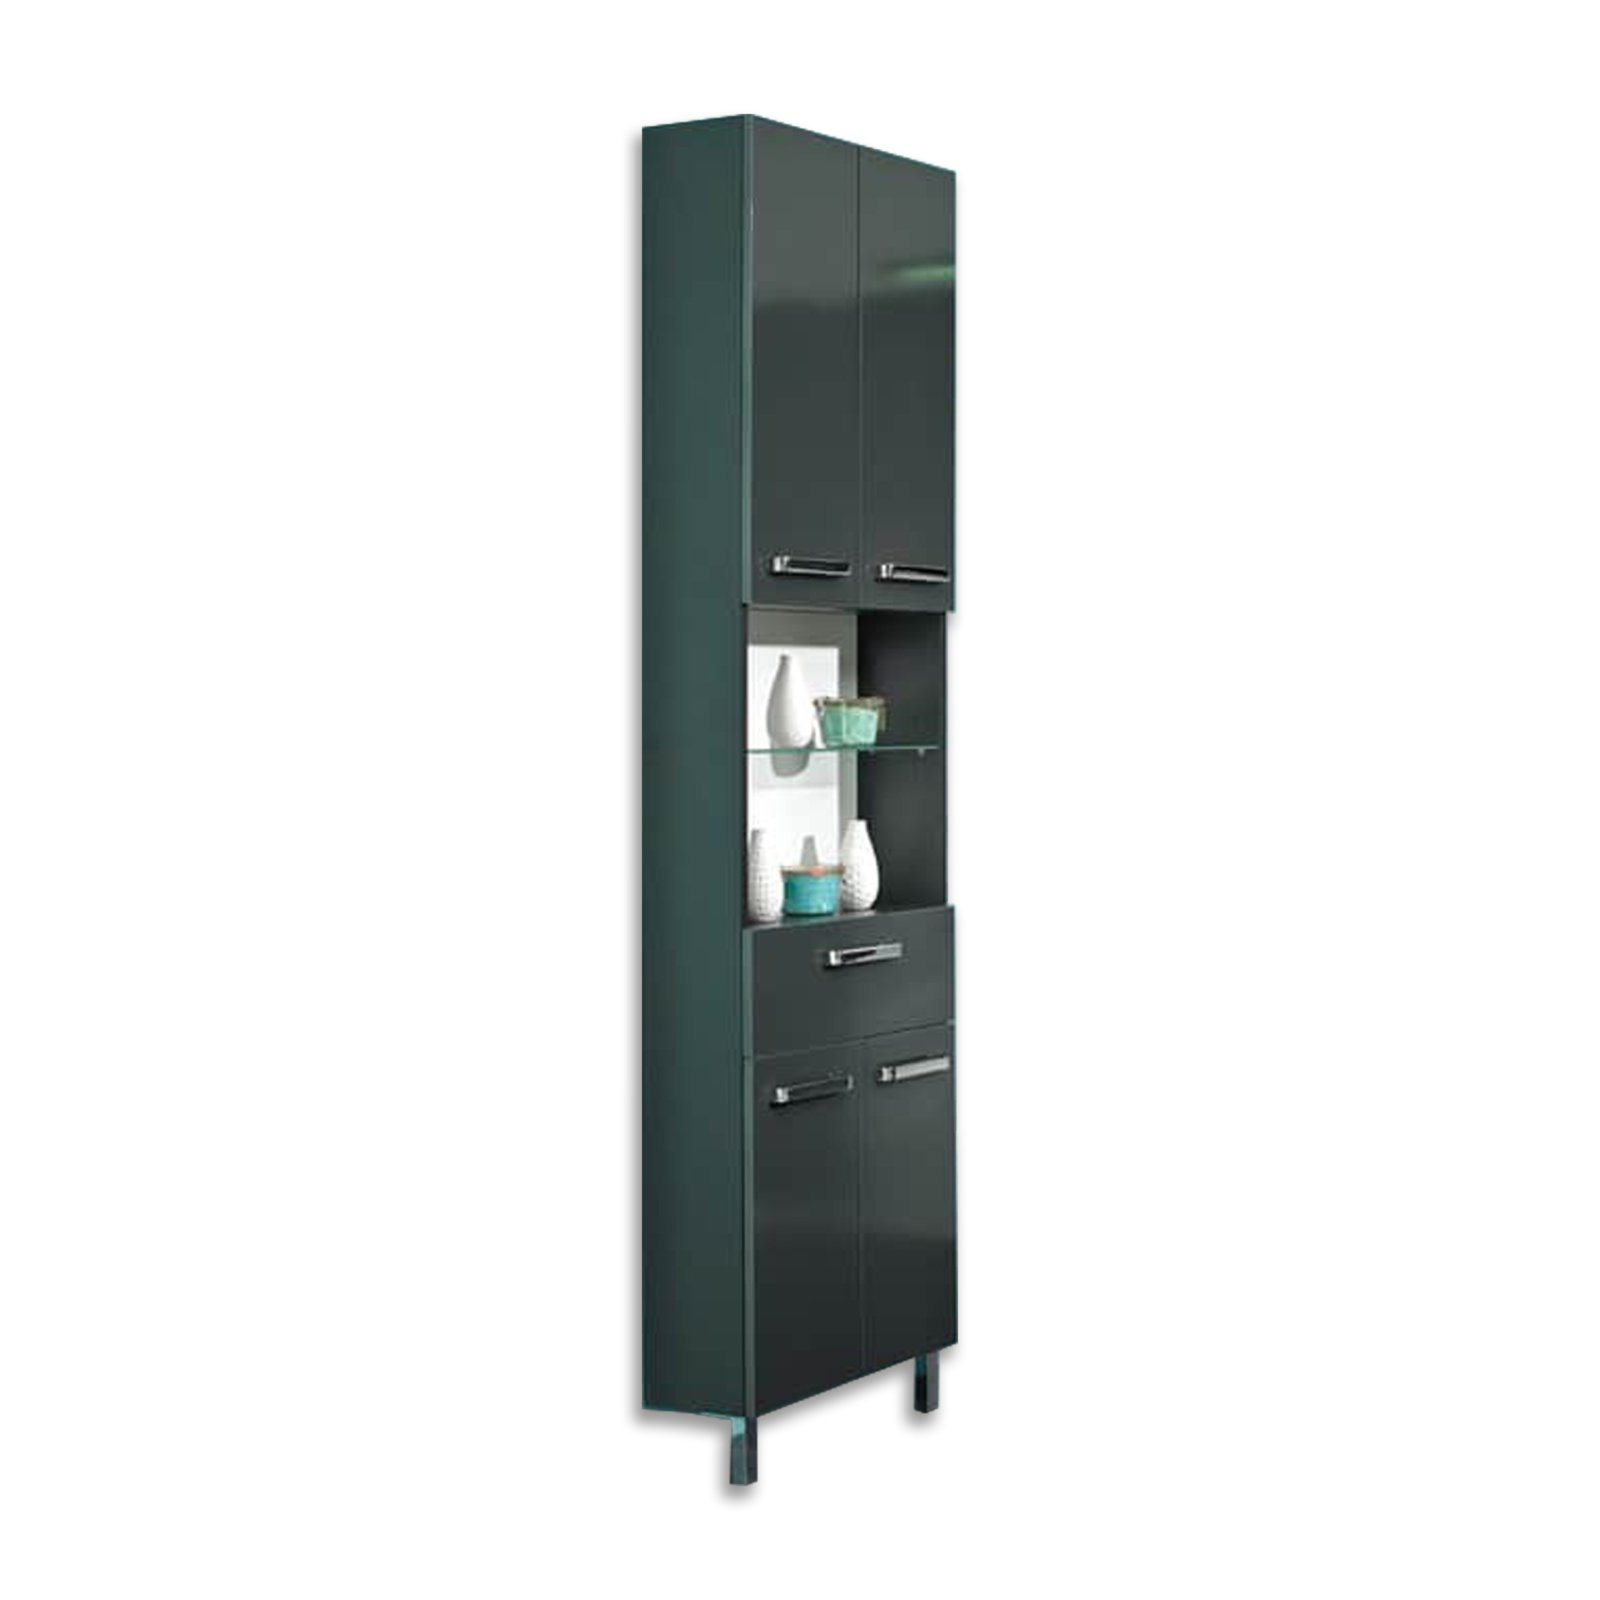 hochschrank mainz badezimmer hoch midischr nke badm bel badezimmer wohnbereiche. Black Bedroom Furniture Sets. Home Design Ideas